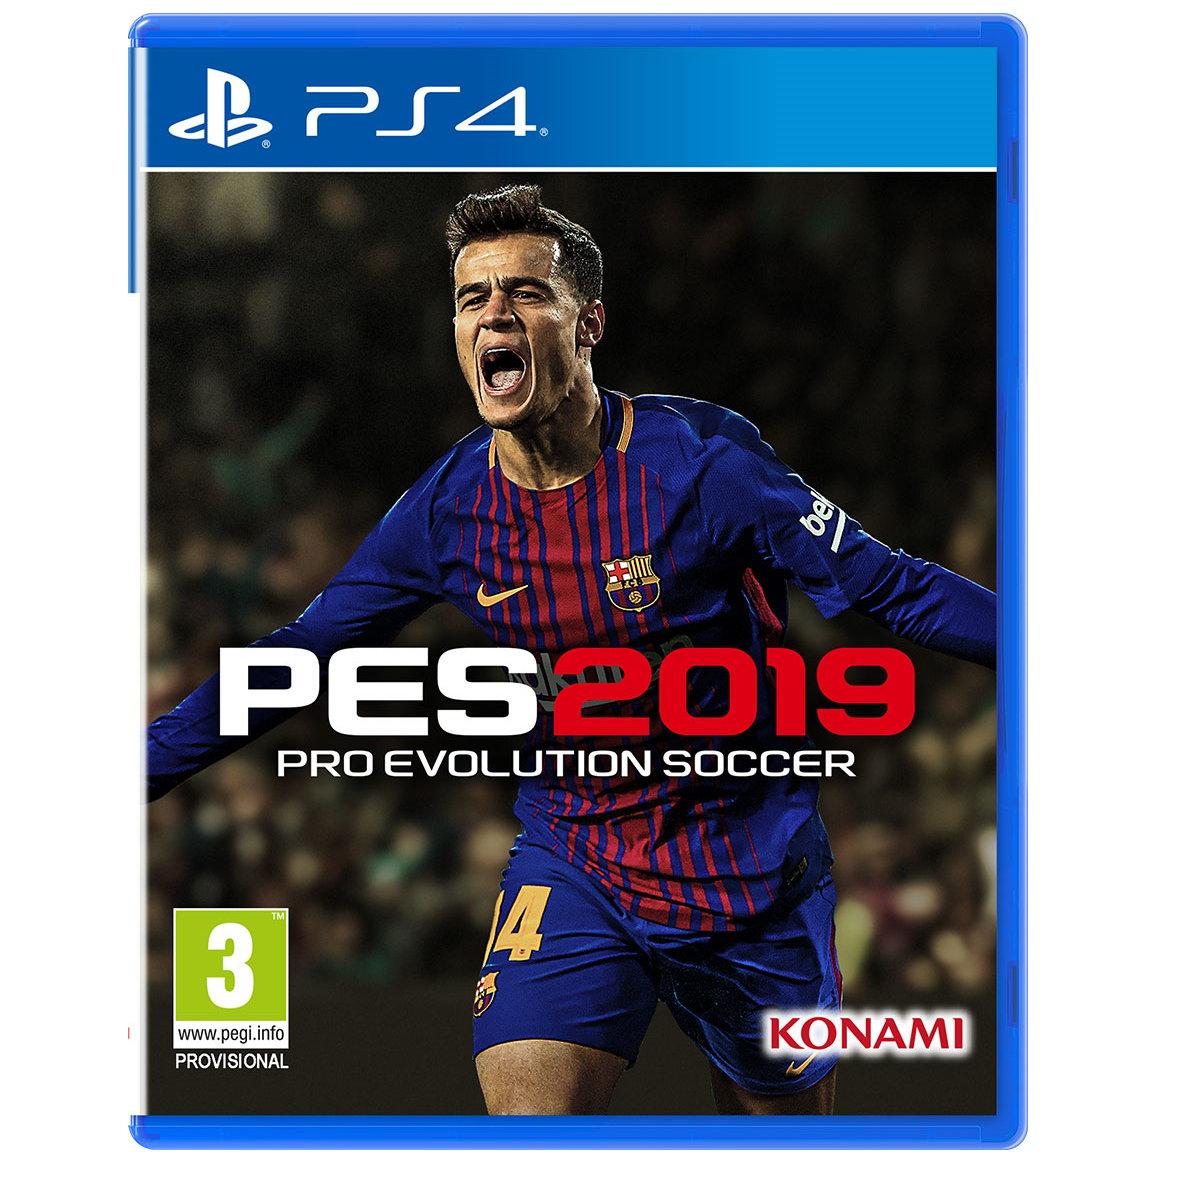 PES 2019 (PS4) for £12.85 Delivered @ Base